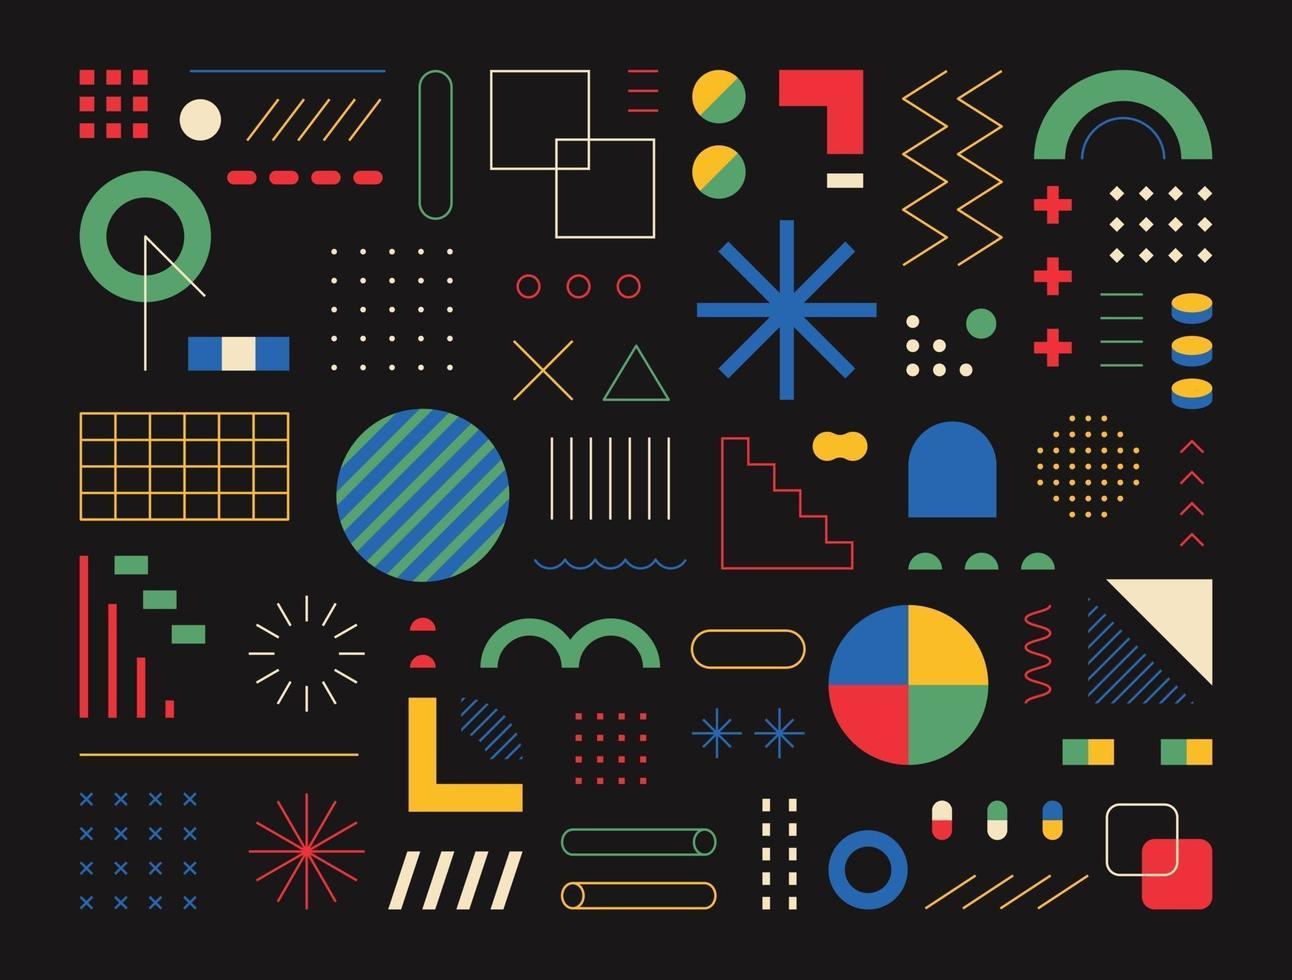 retro-stijl ontwerp bestaande uit verschillende vormen en patronen. zwarte achtergrond. eenvoudig patroon ontwerpsjabloon. vector